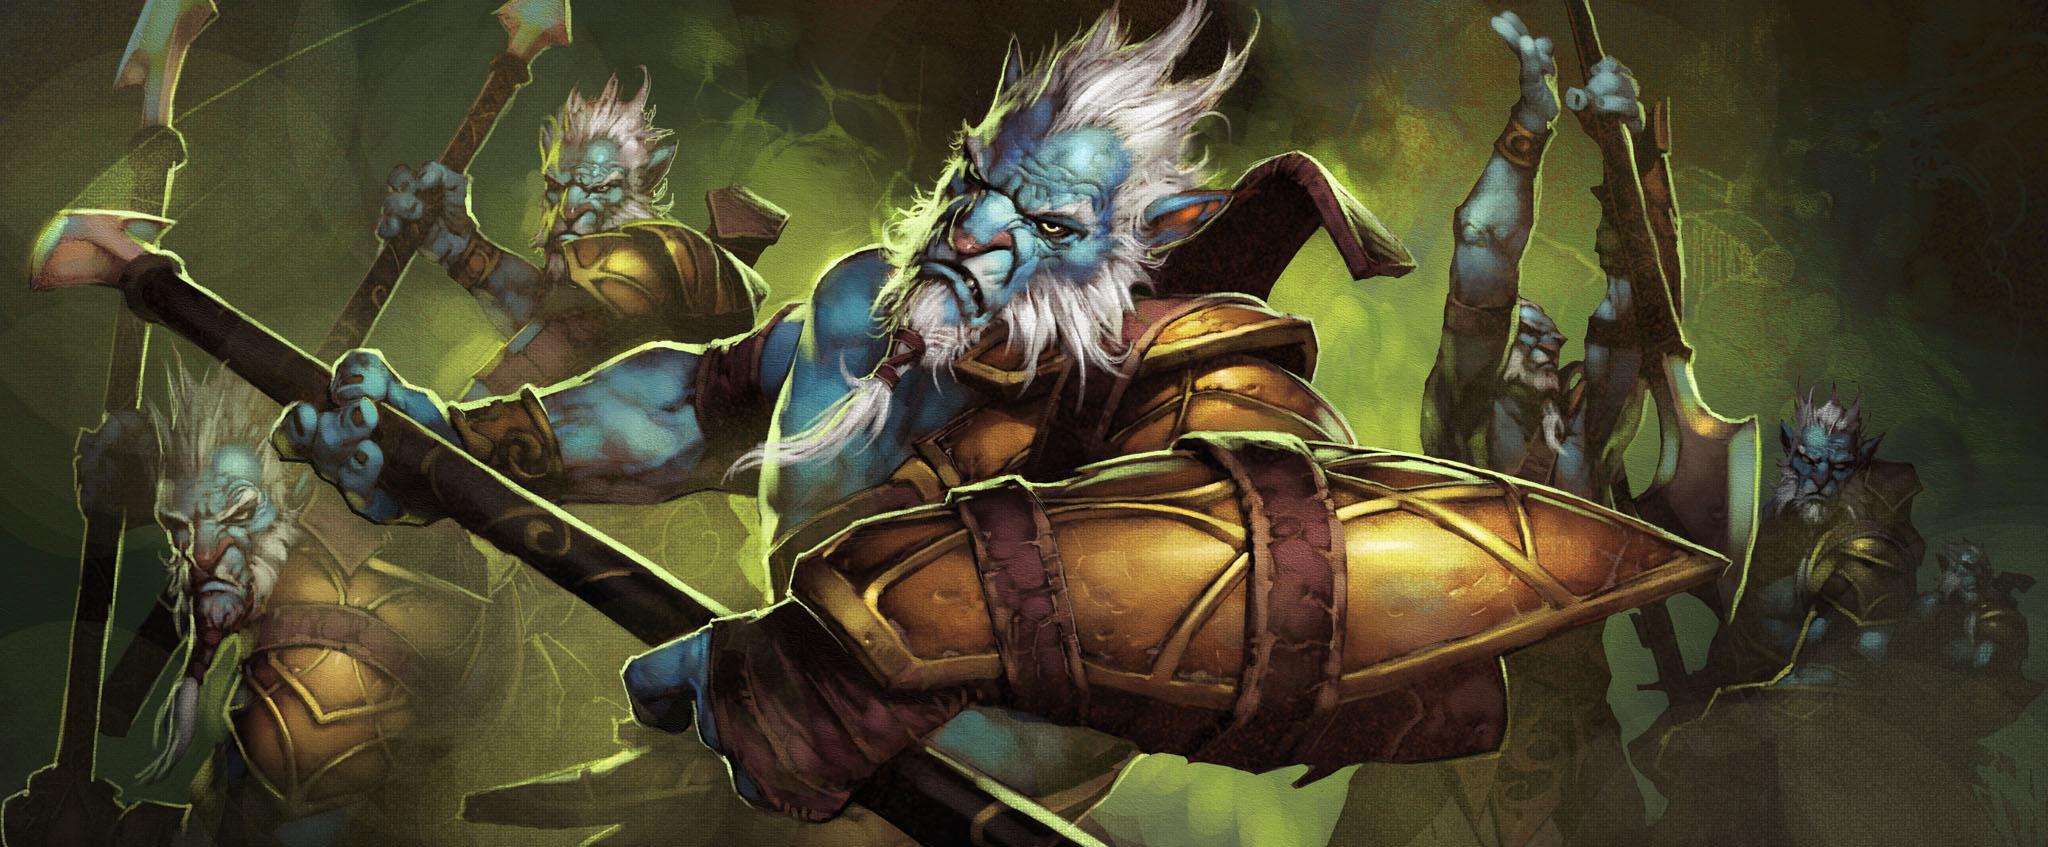 Loạt ảnh nguyên họa của các hero trong DotA 2 - Ảnh 18